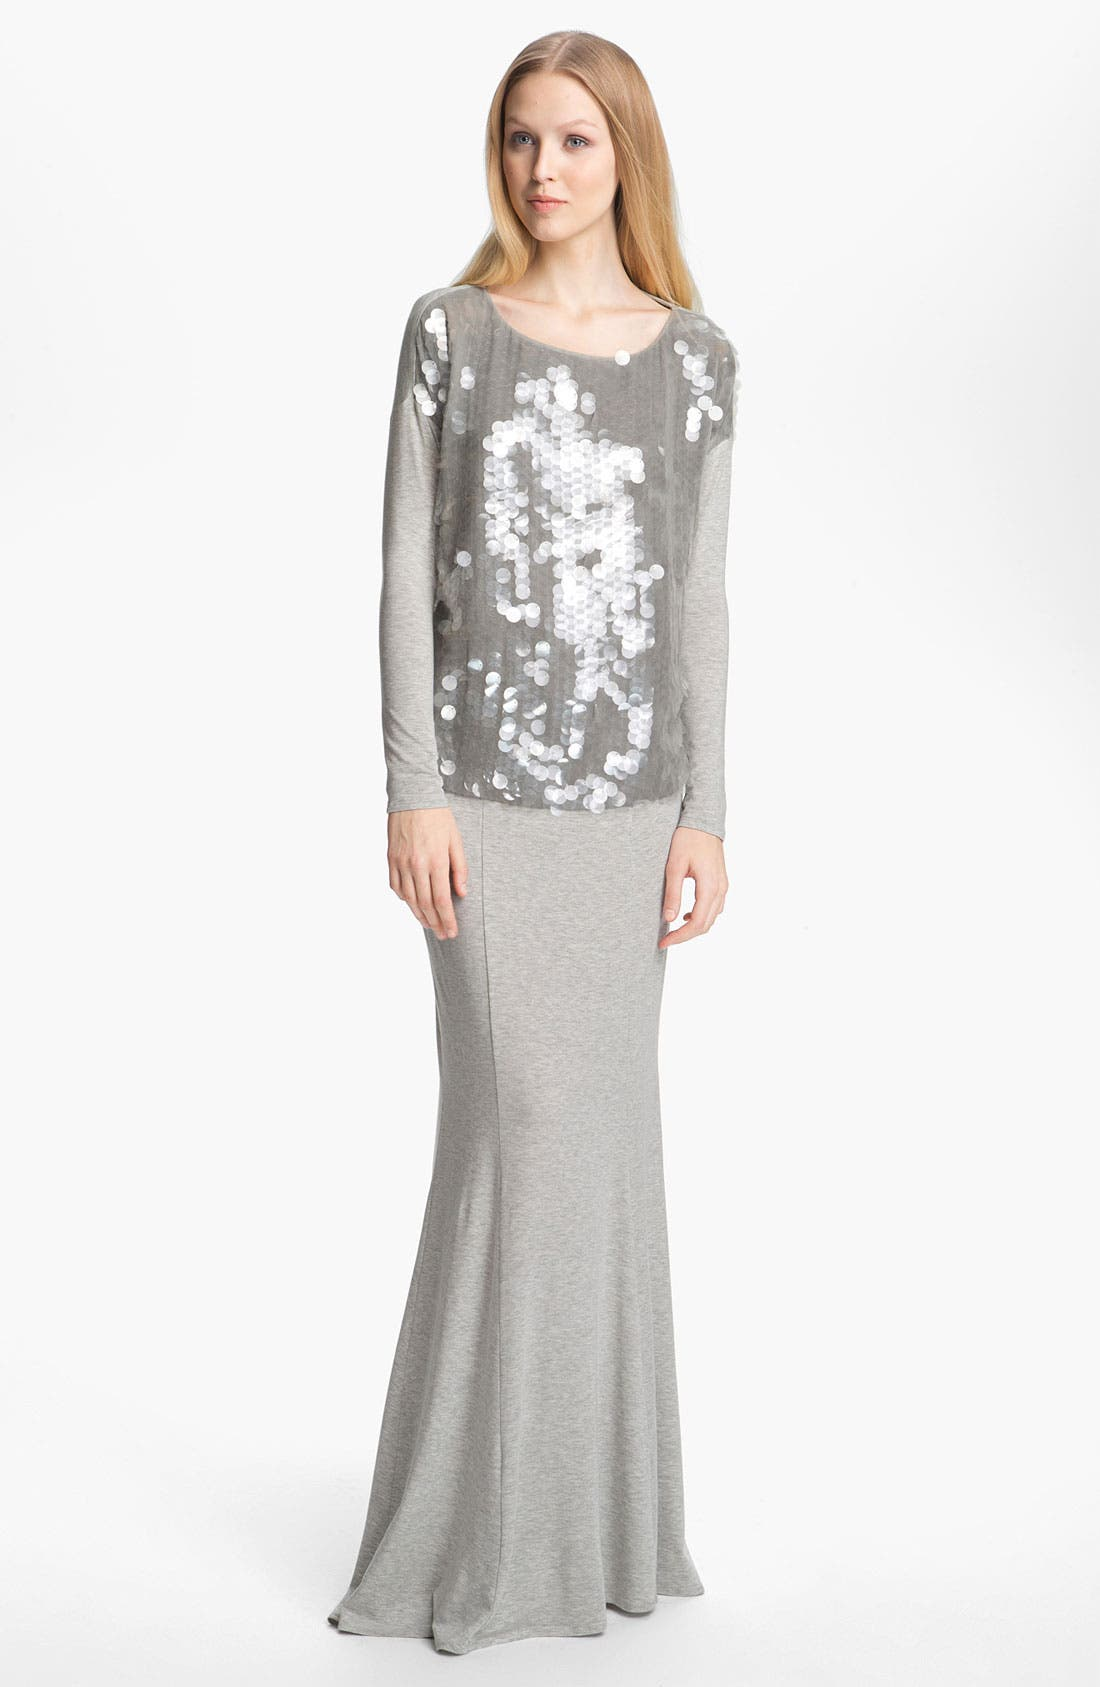 Main Image - Rachel Zoe 'Cori' Sequin Front Top